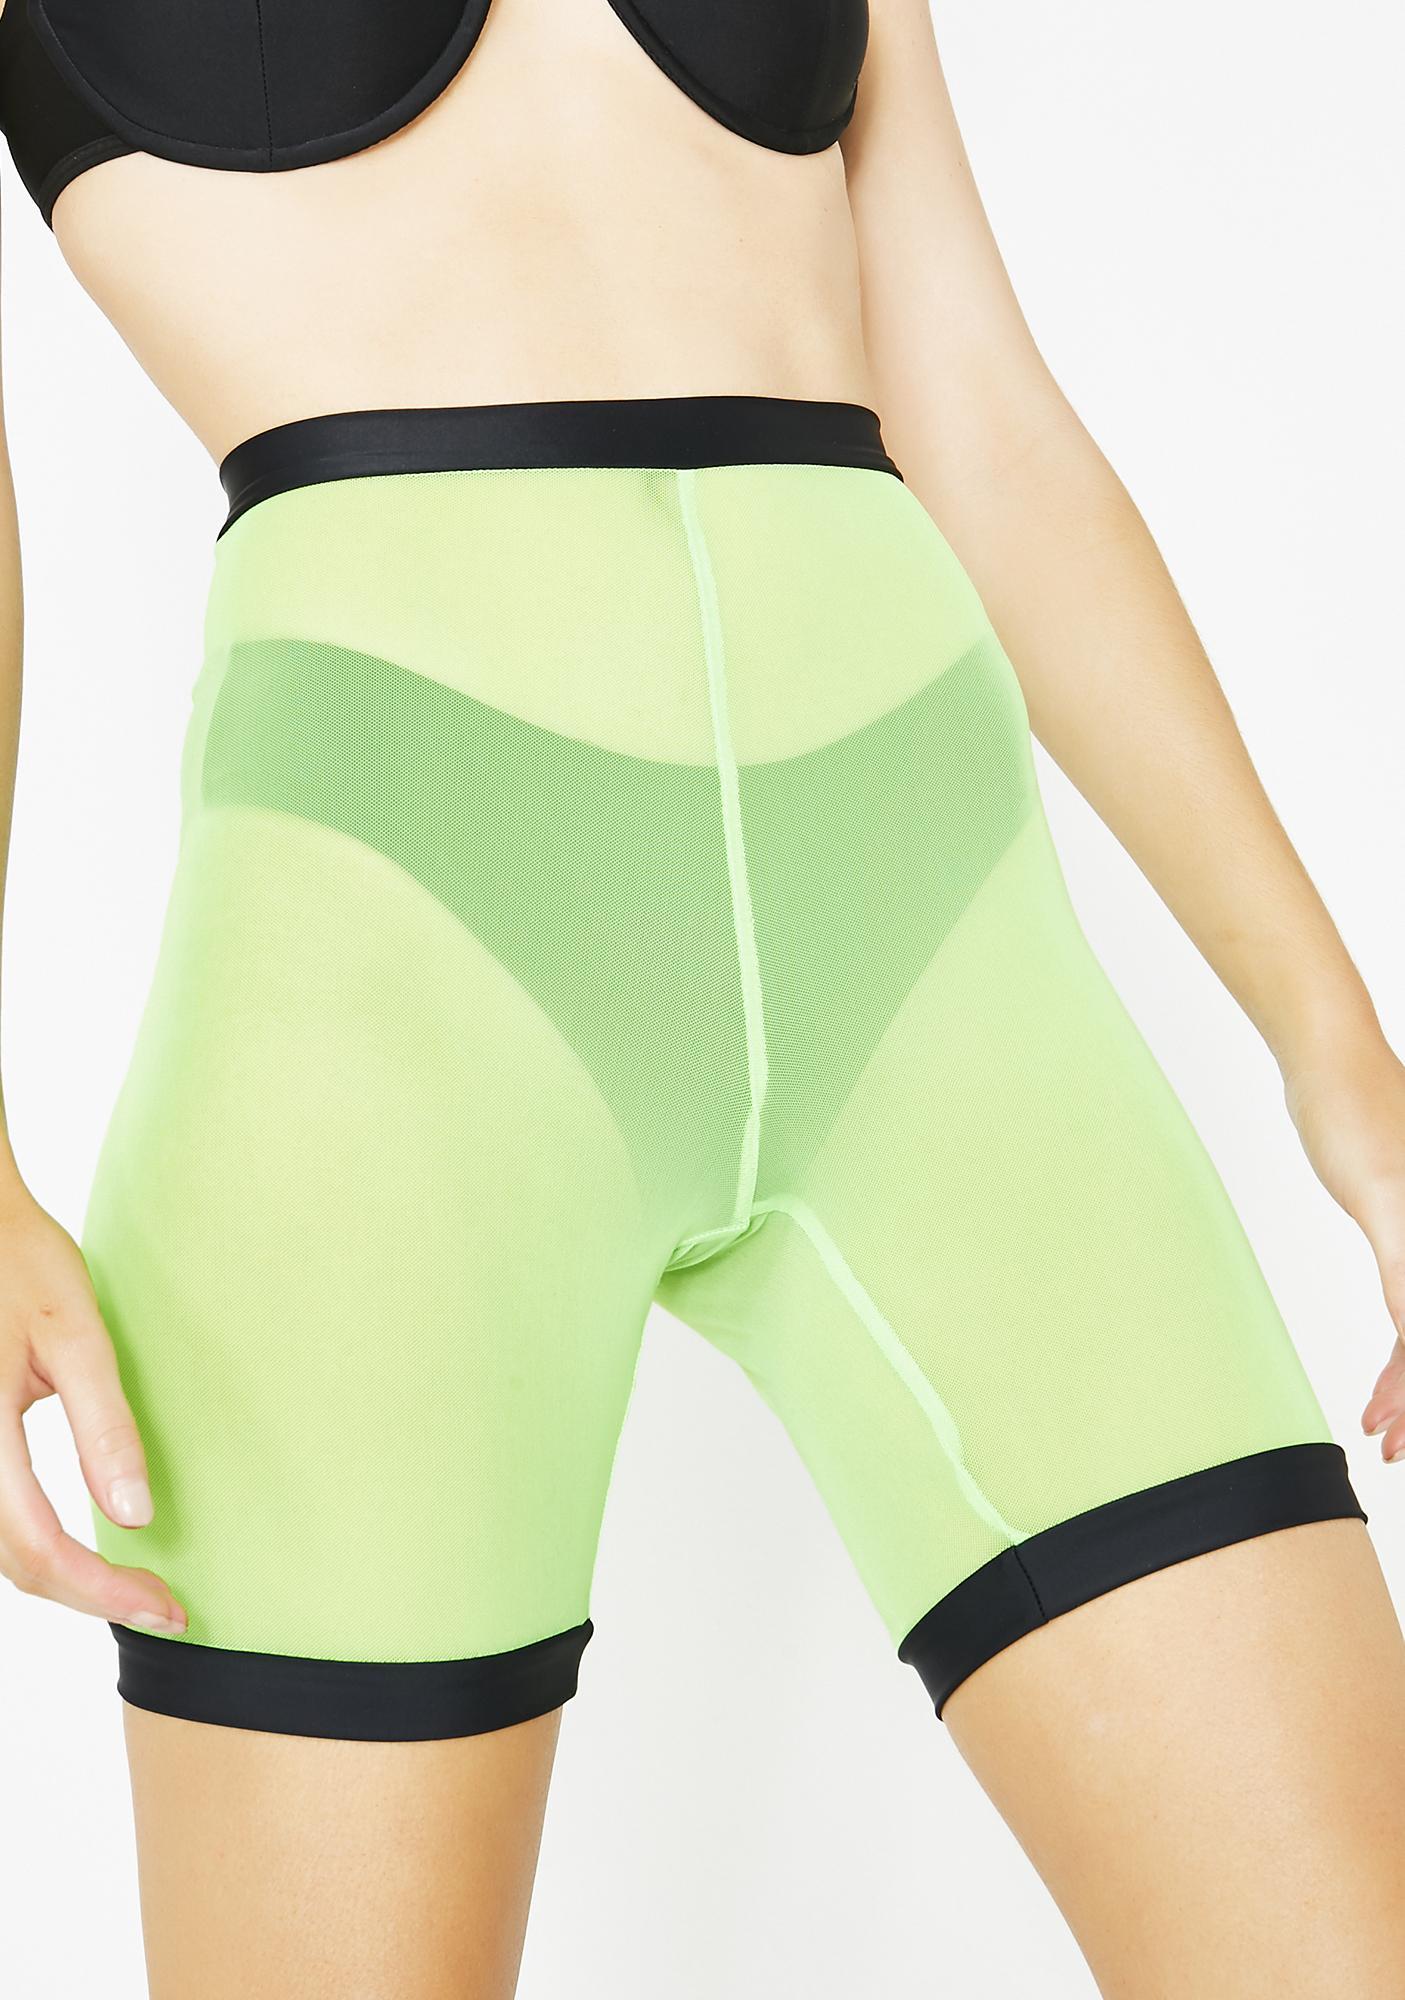 Night Glo Bikini N' Shorts Set by Club Exx